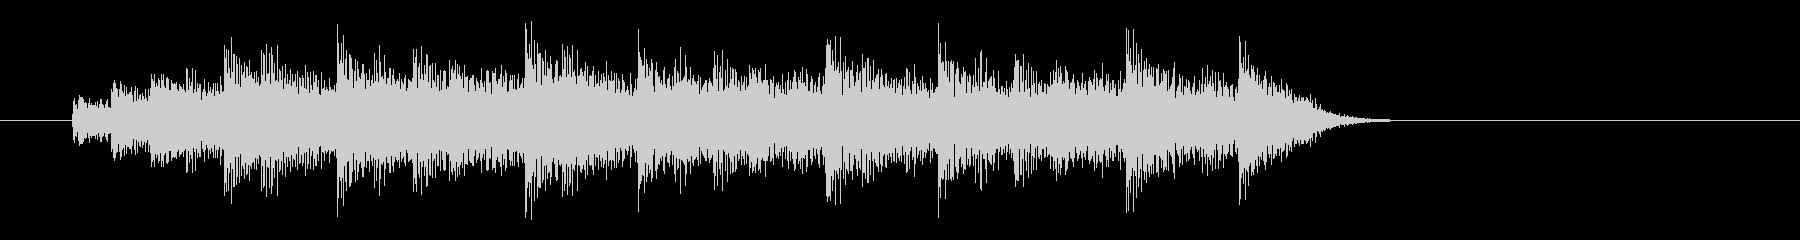 Piano Chord Jingle 2の未再生の波形